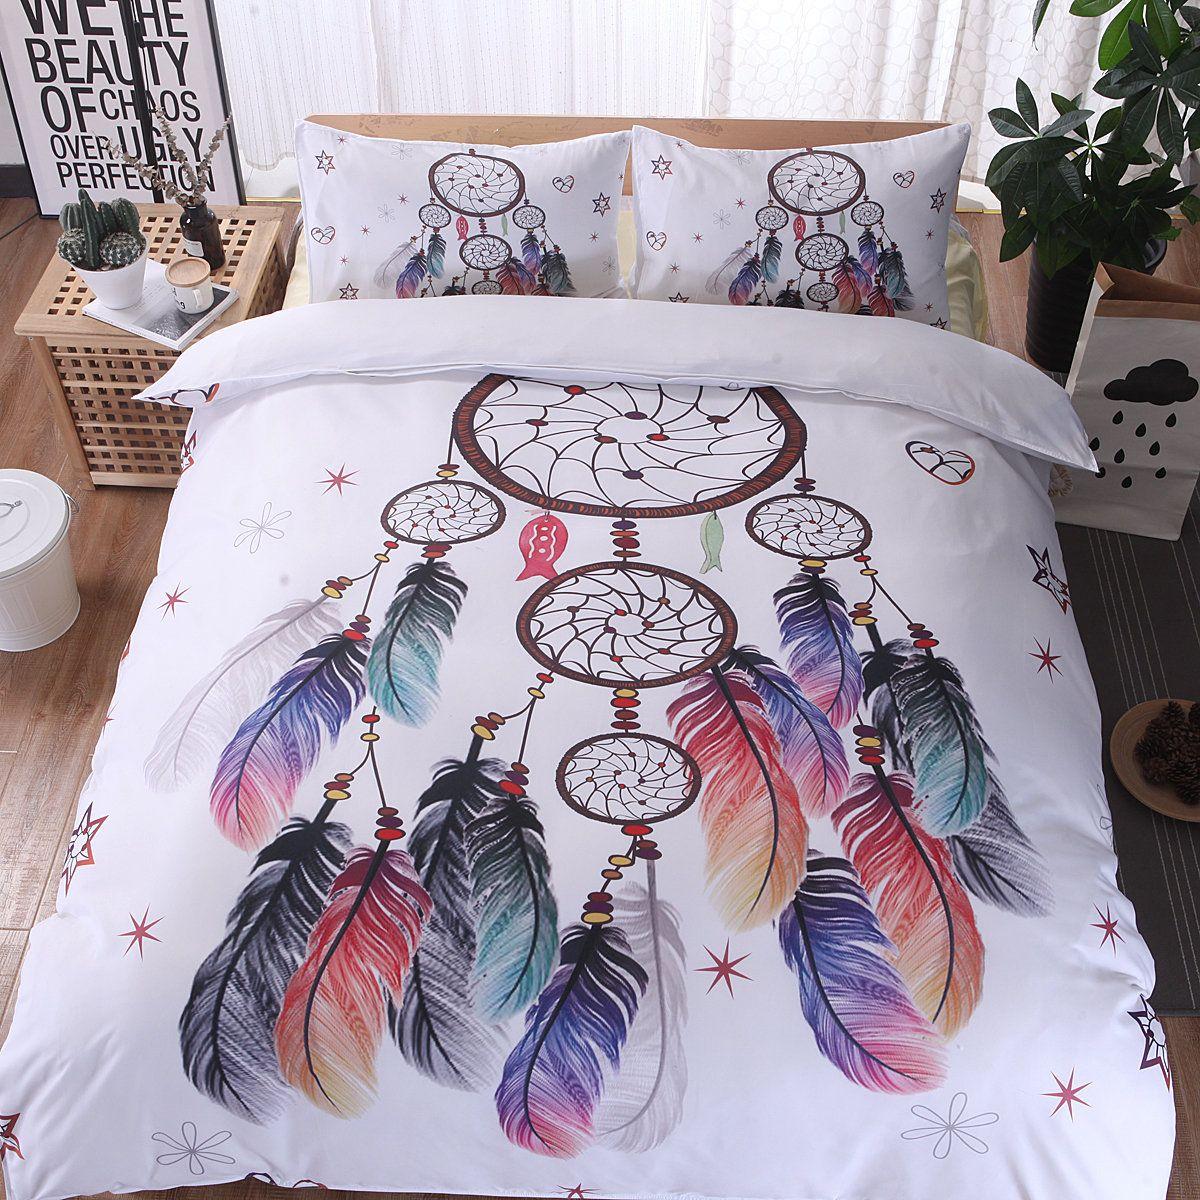 Bohemian Feather Elk Duvet Cover Set 2/3Pcs Queen King Bedclothes Bed Linen Bedding Sets No Sheet No Filling